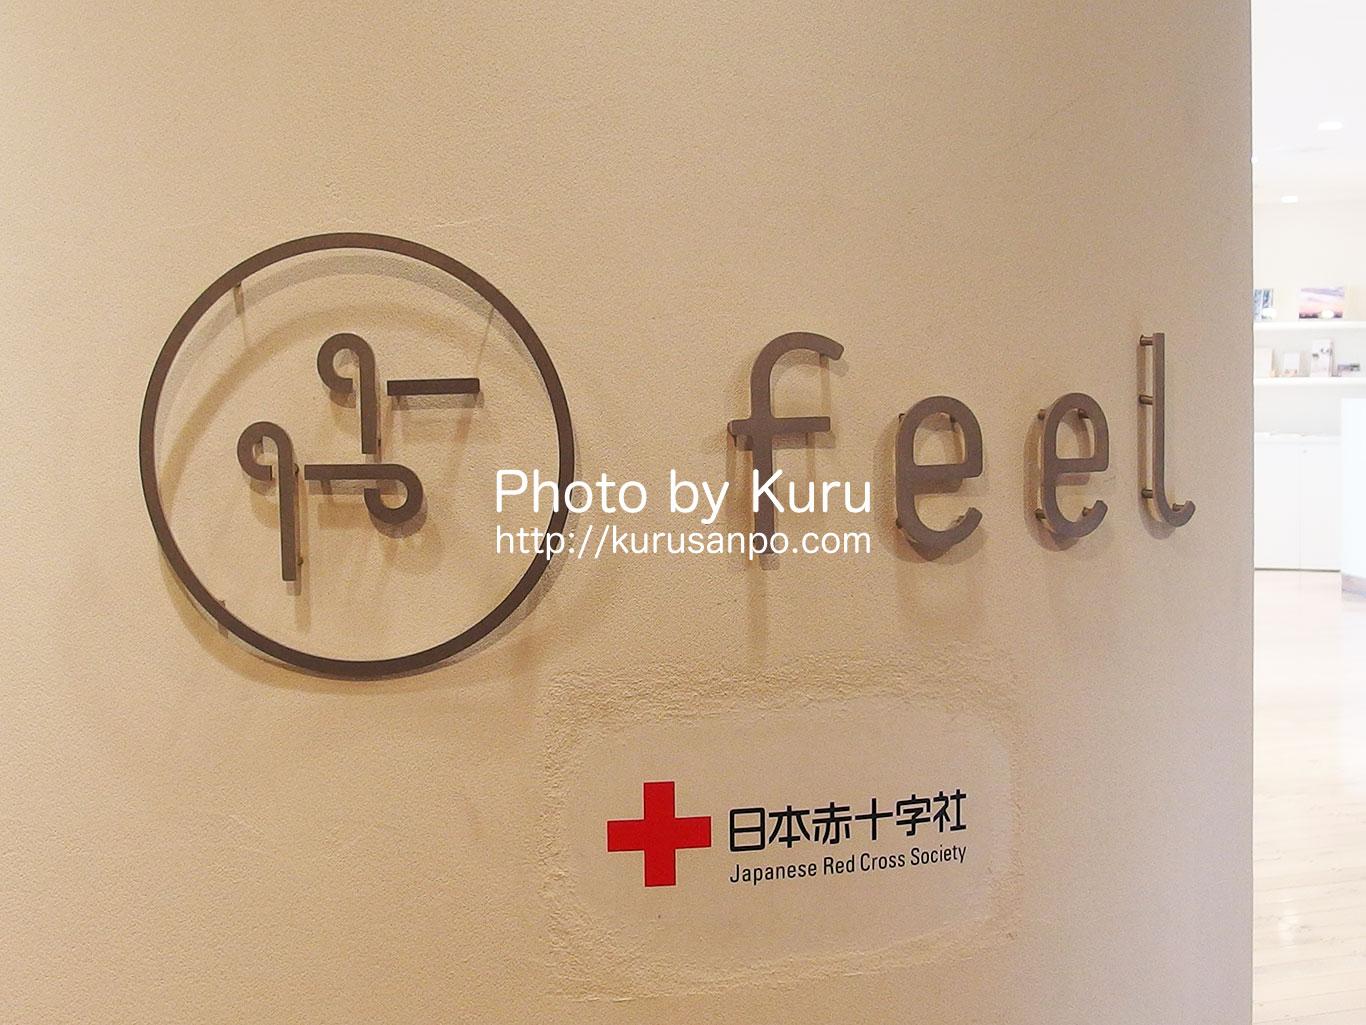 東京スカイツリー・東京ソラマチ・献血ルーム『feel(フィール)』